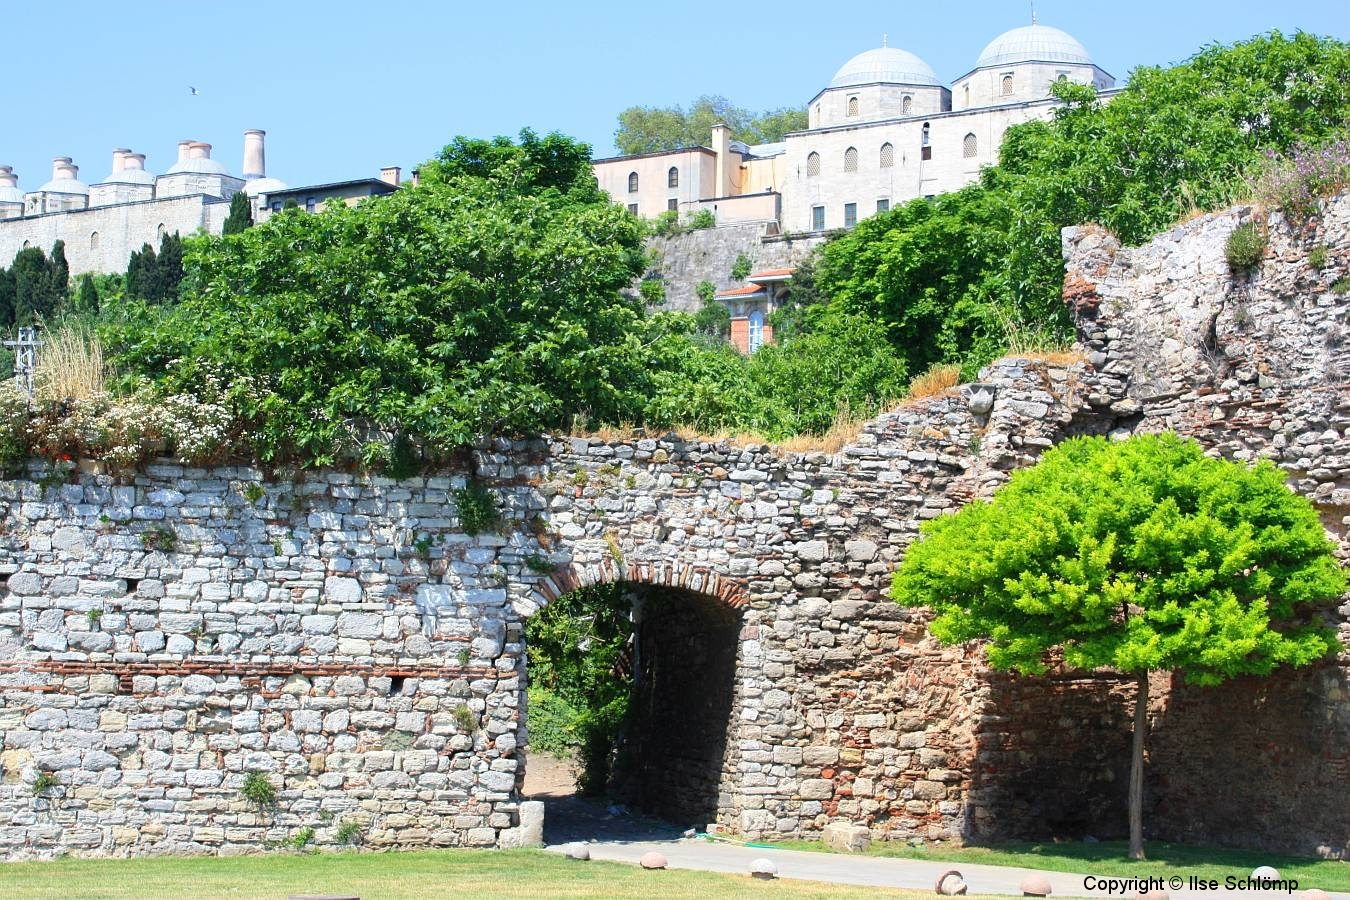 Istanbul, Theodosianische Mauer unterhalb des Topkapi-Palastes